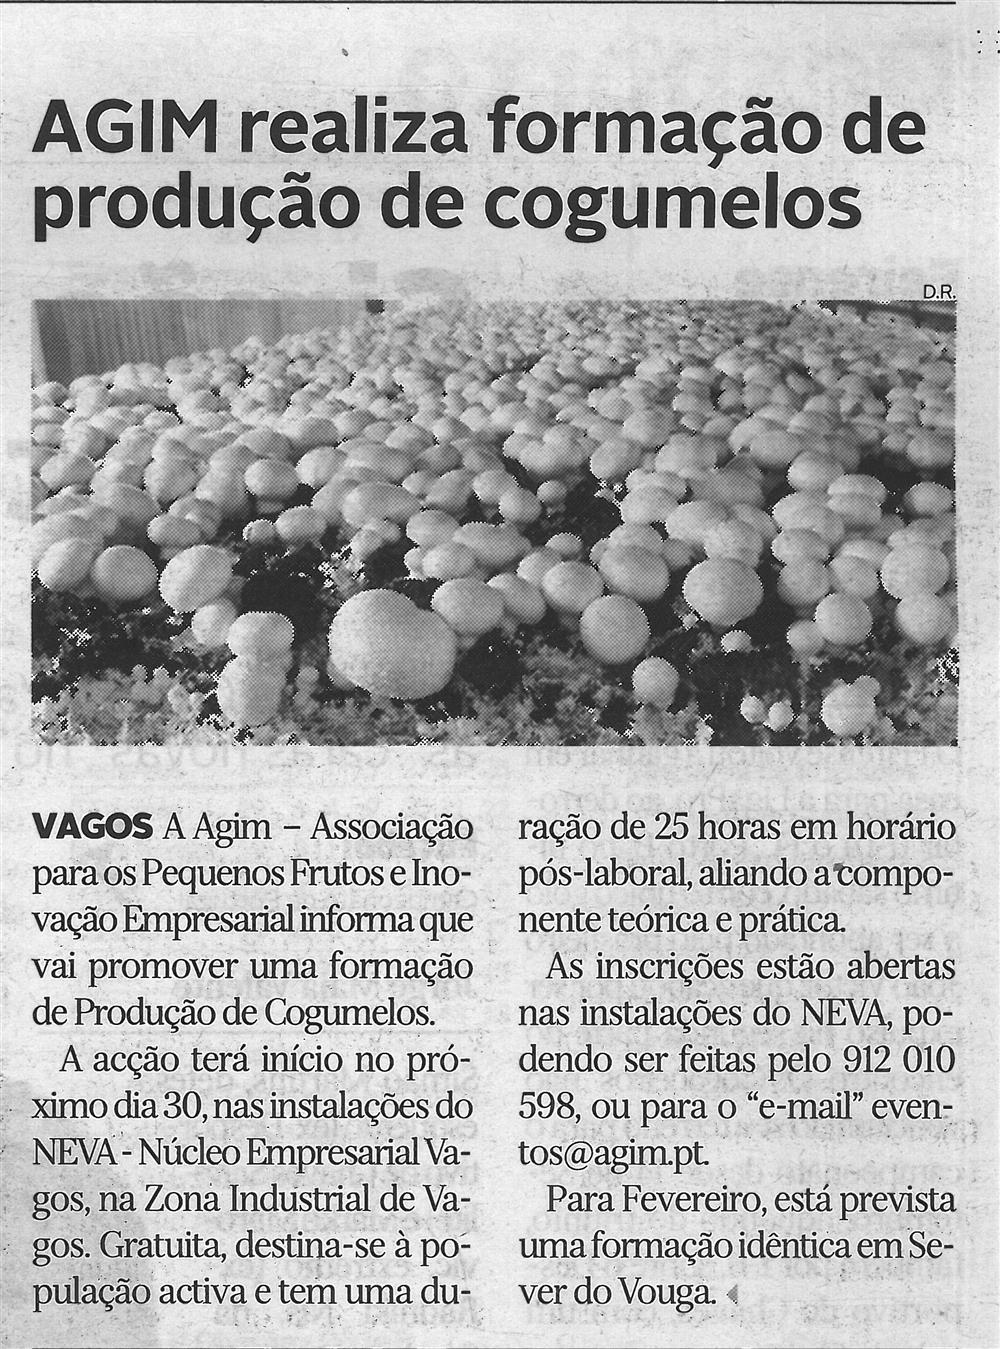 DA-14jan.'20-p.27-AGIM realiza formação de produção de cogumelos.jpg